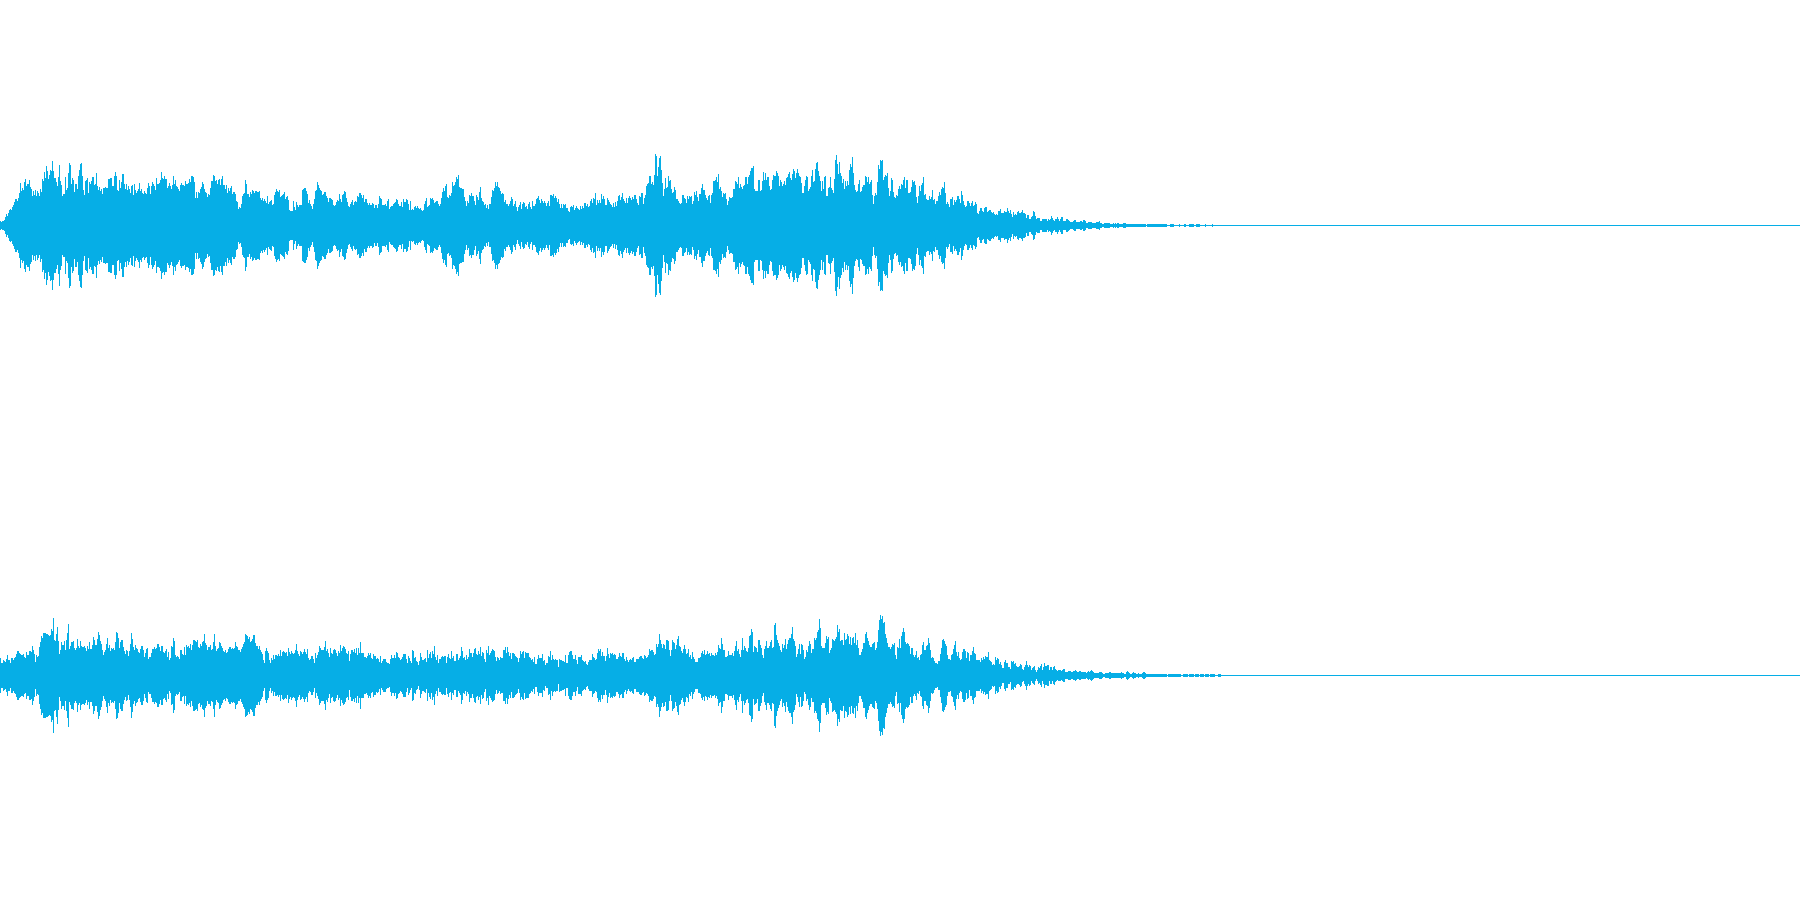 ブ〜ン!蜂ハチや昆虫が飛ぶ鳴く効果音03の再生済みの波形